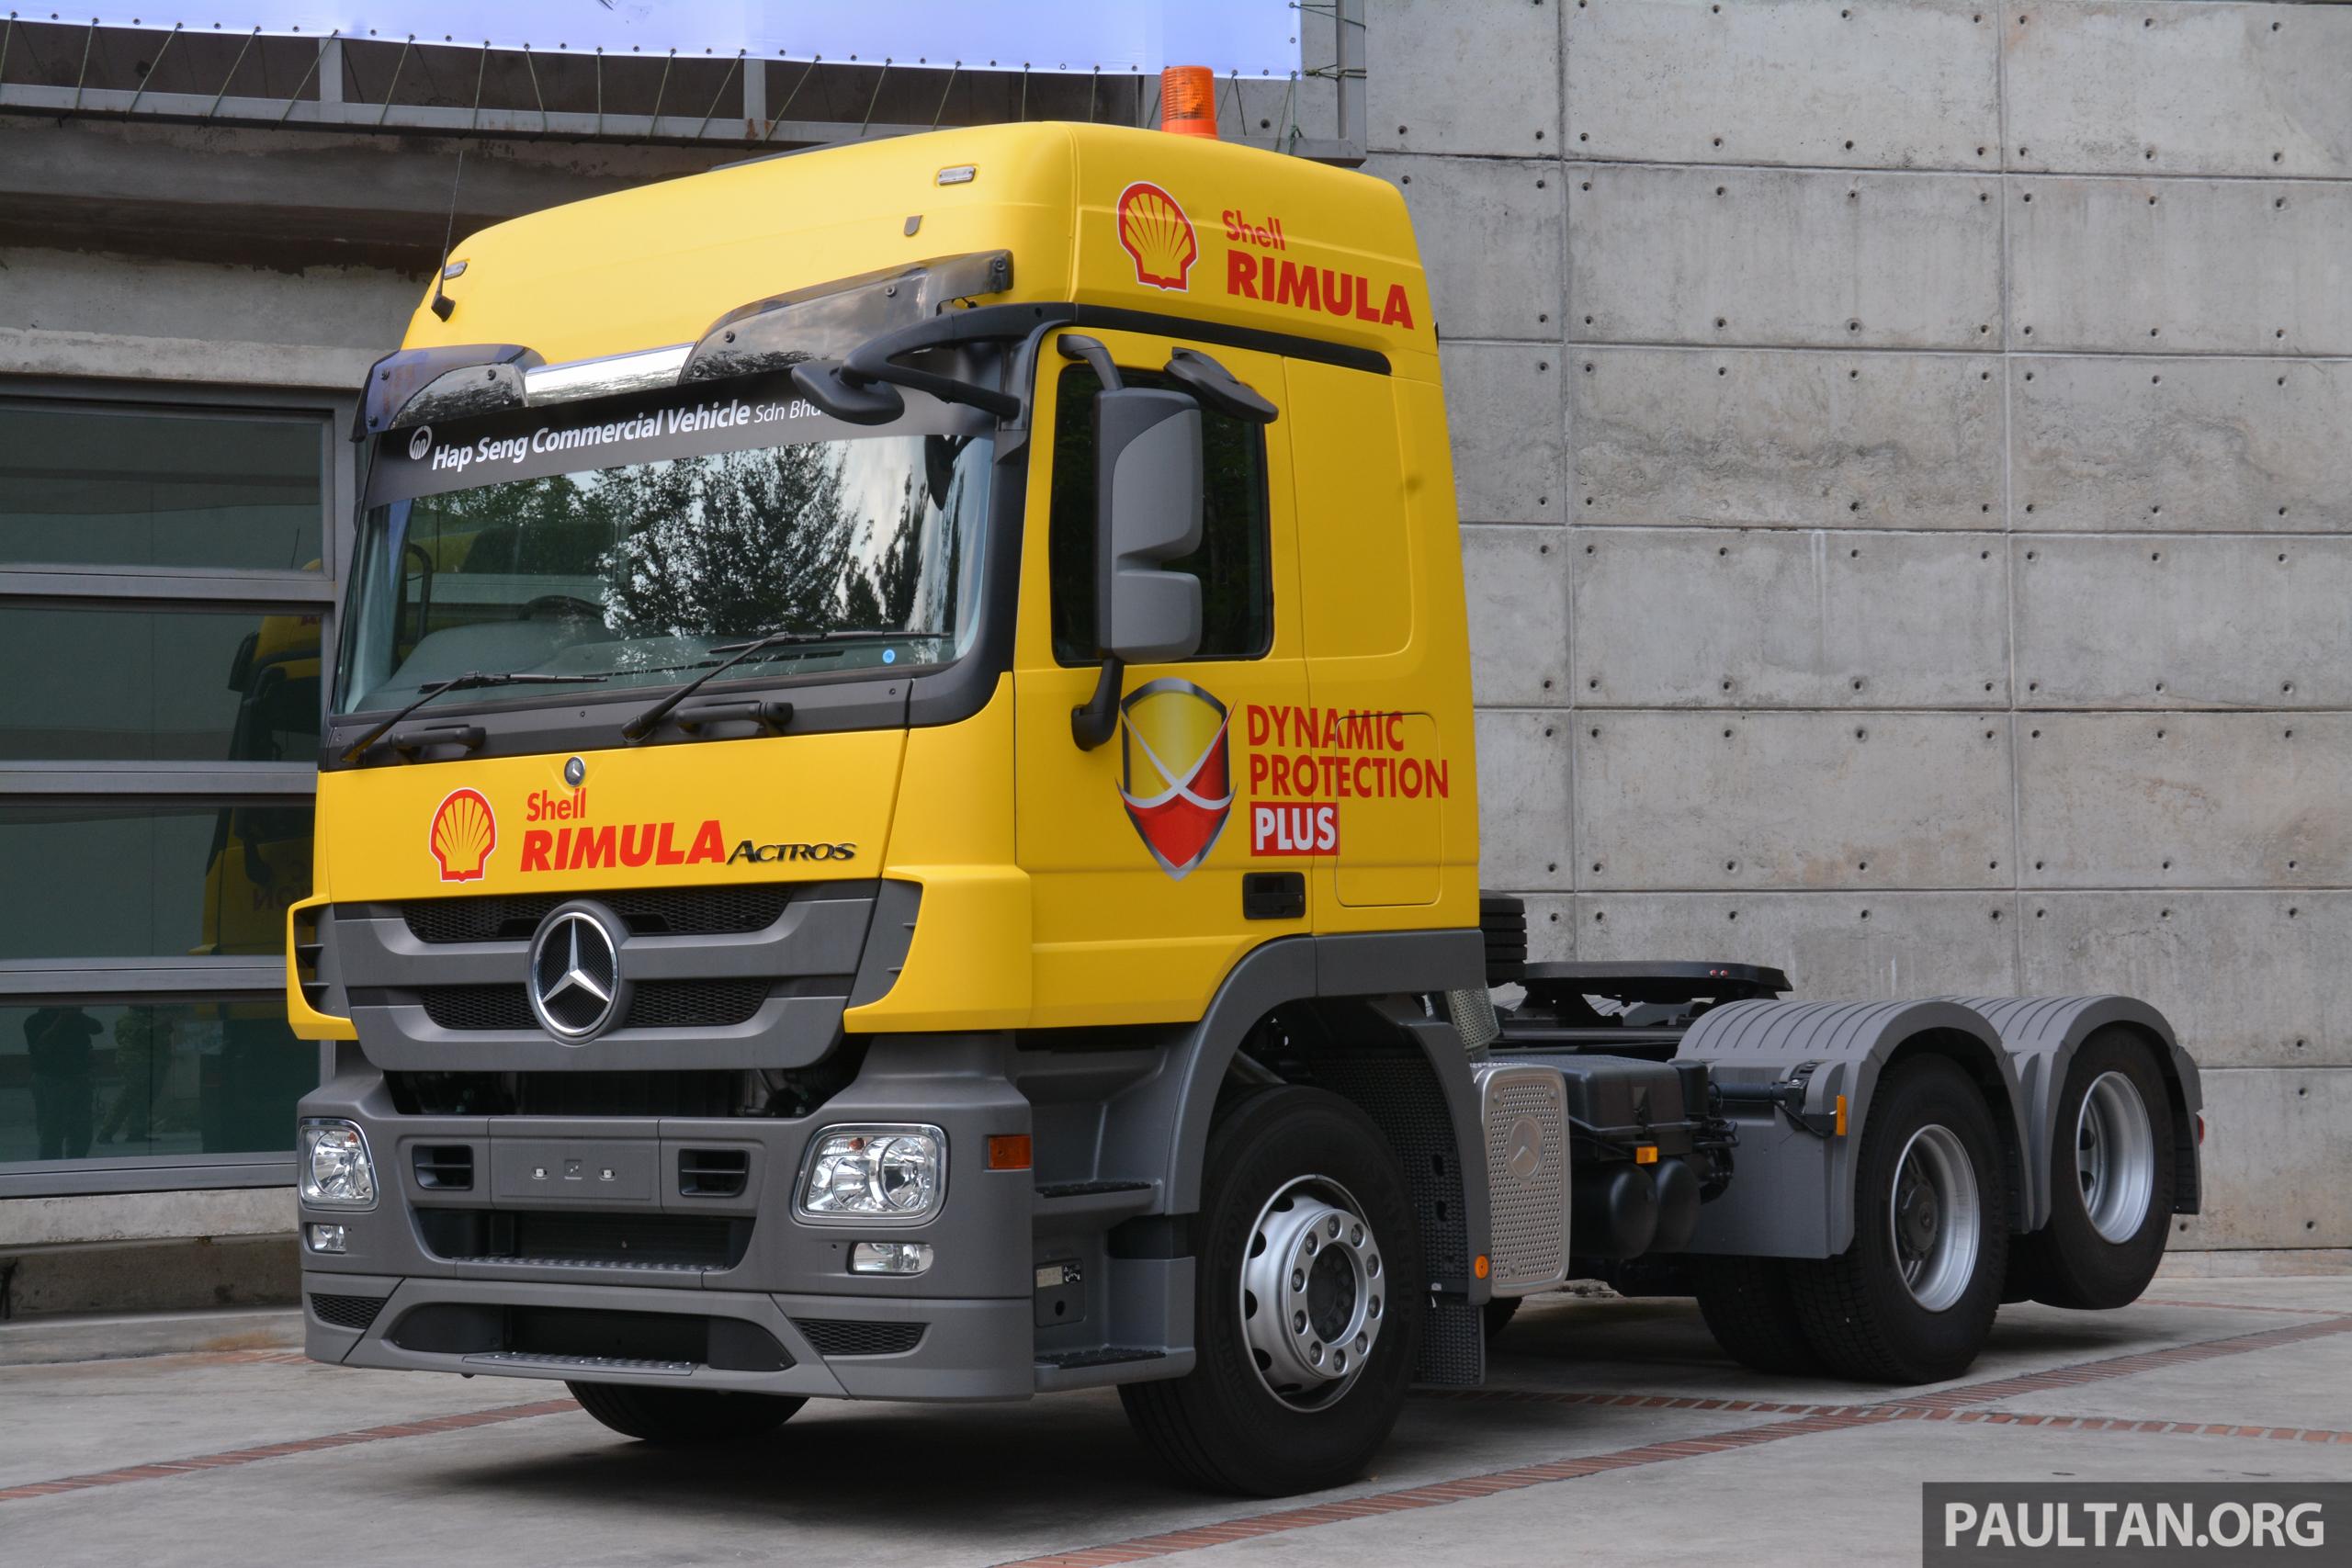 Shell Rimula R6 Lm 10W 40